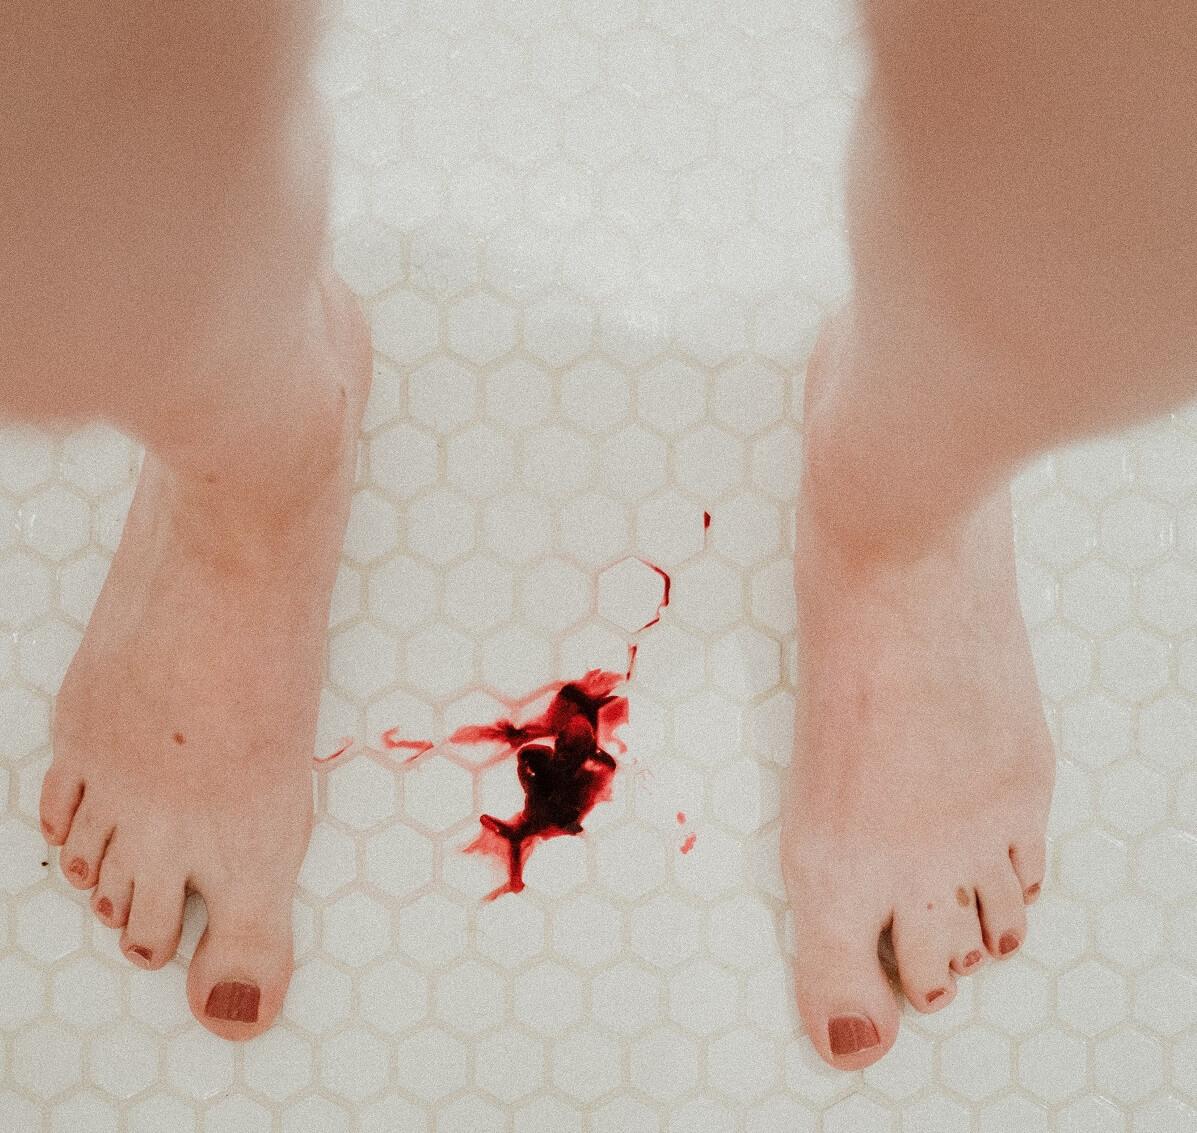 Sang des règles par terre